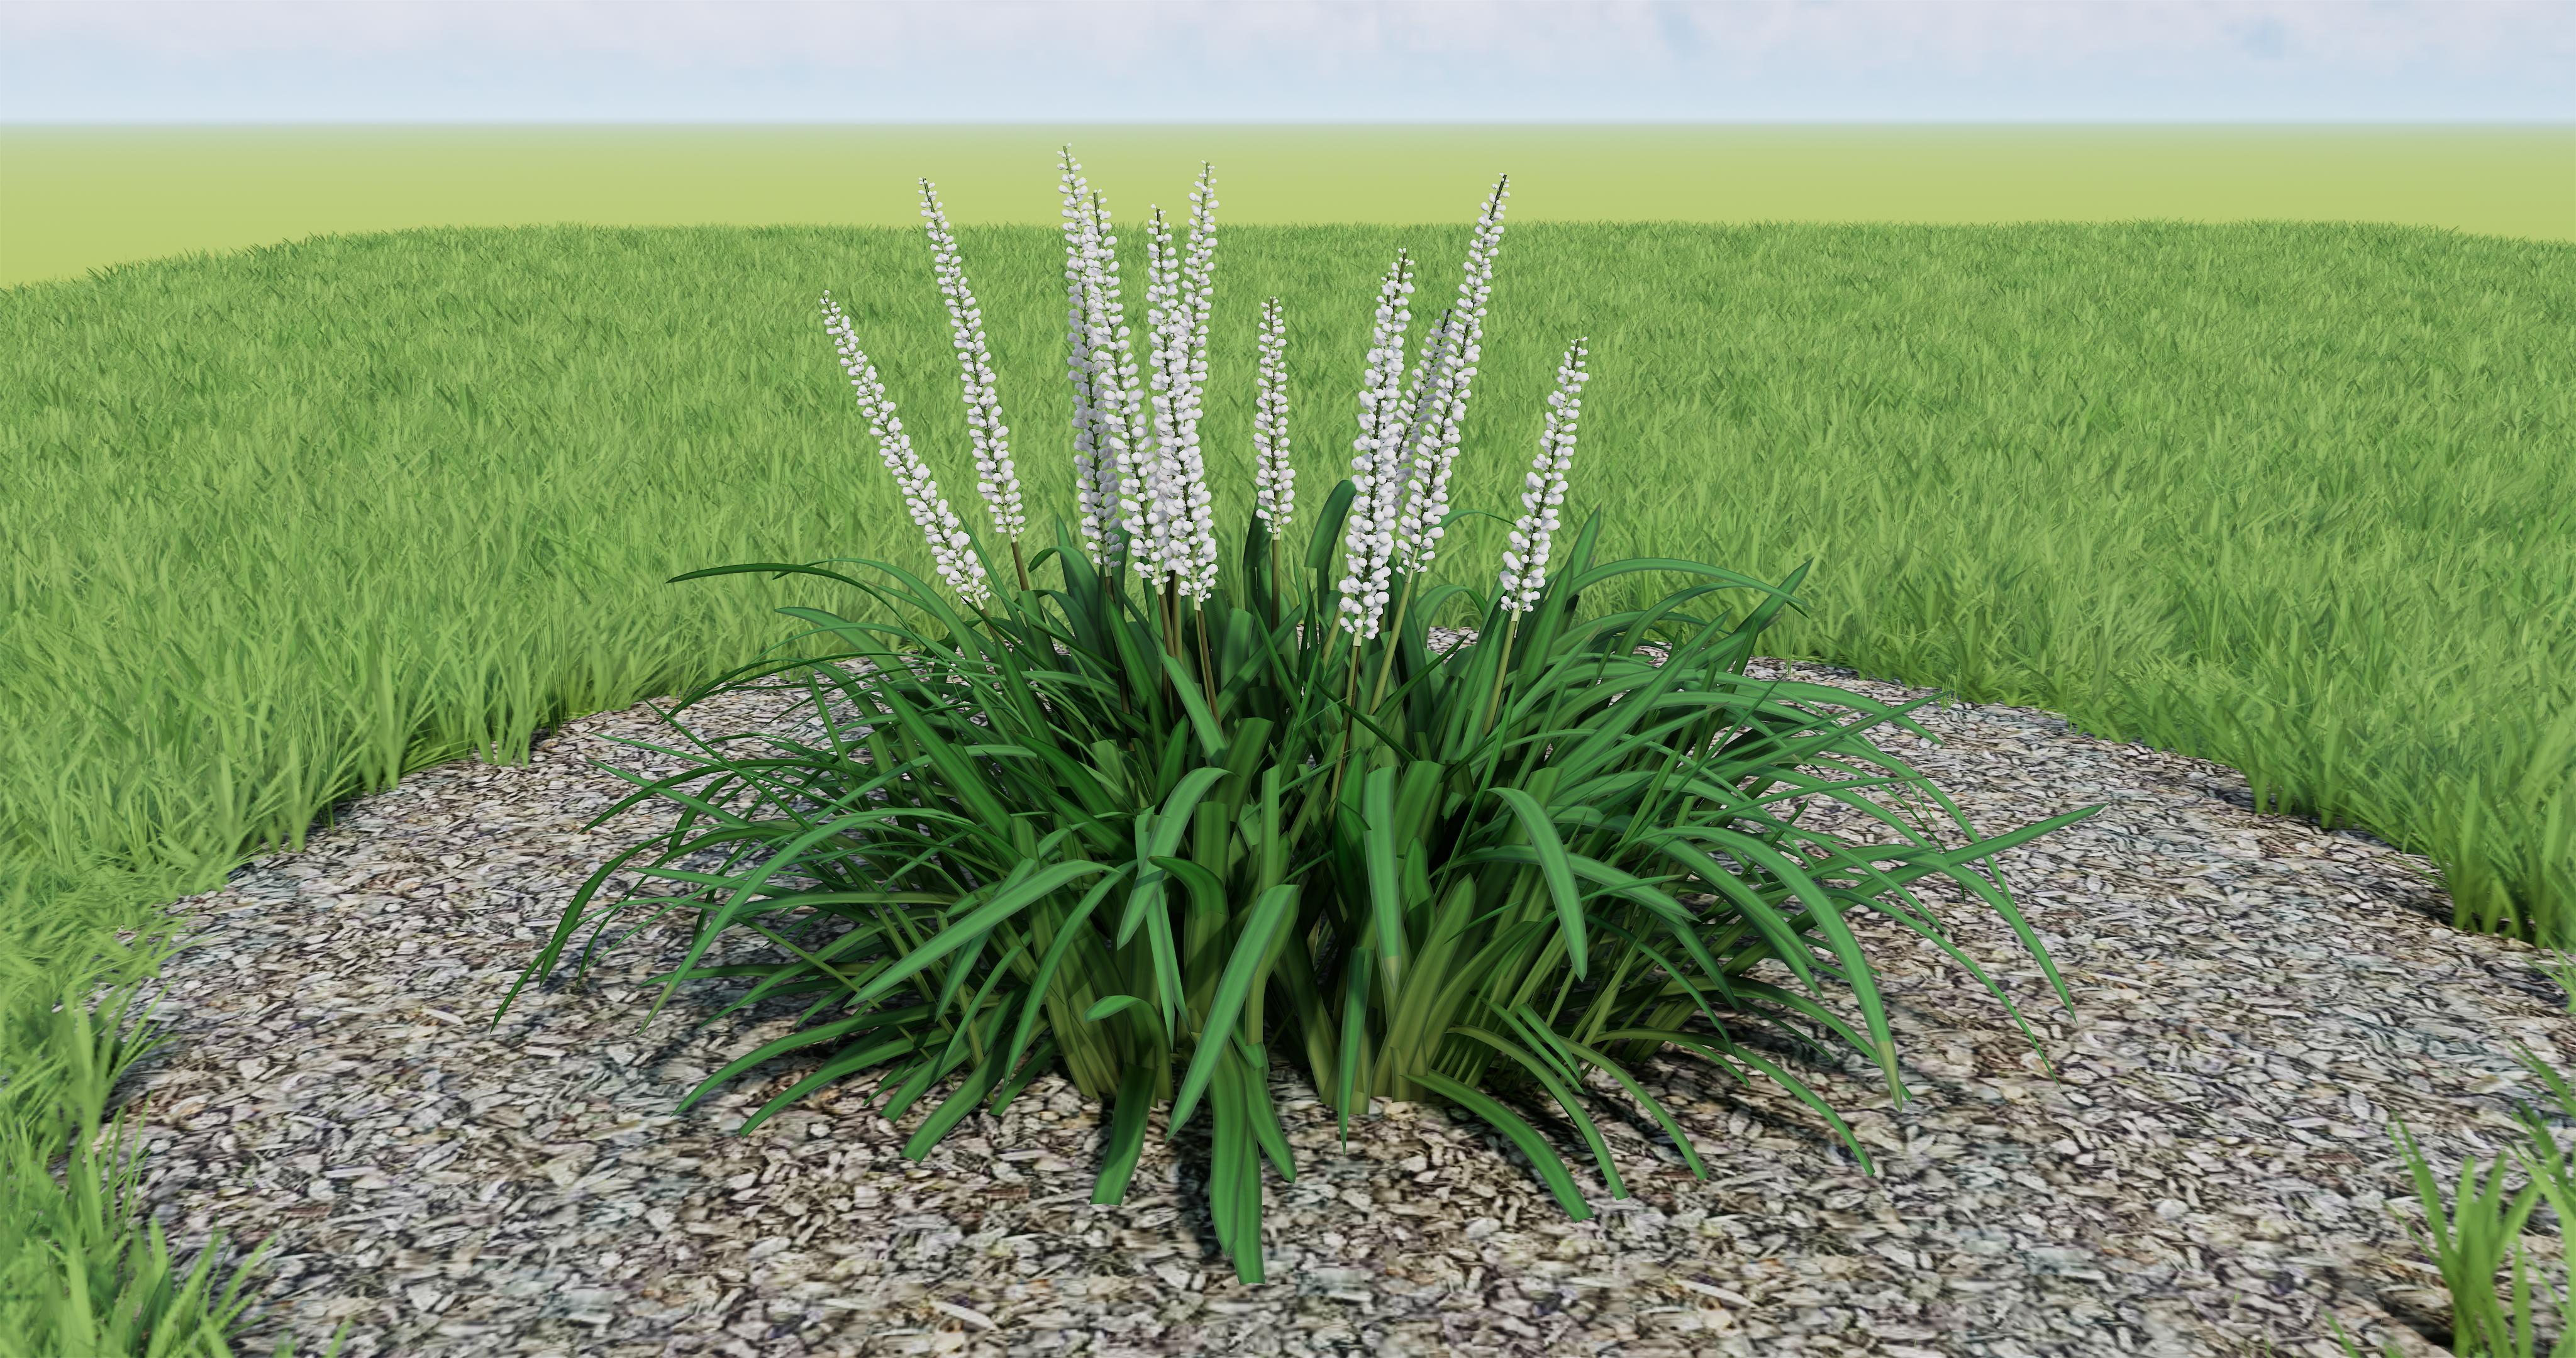 FREE Enscape Plants - SketchUp - Enscape Community Forum